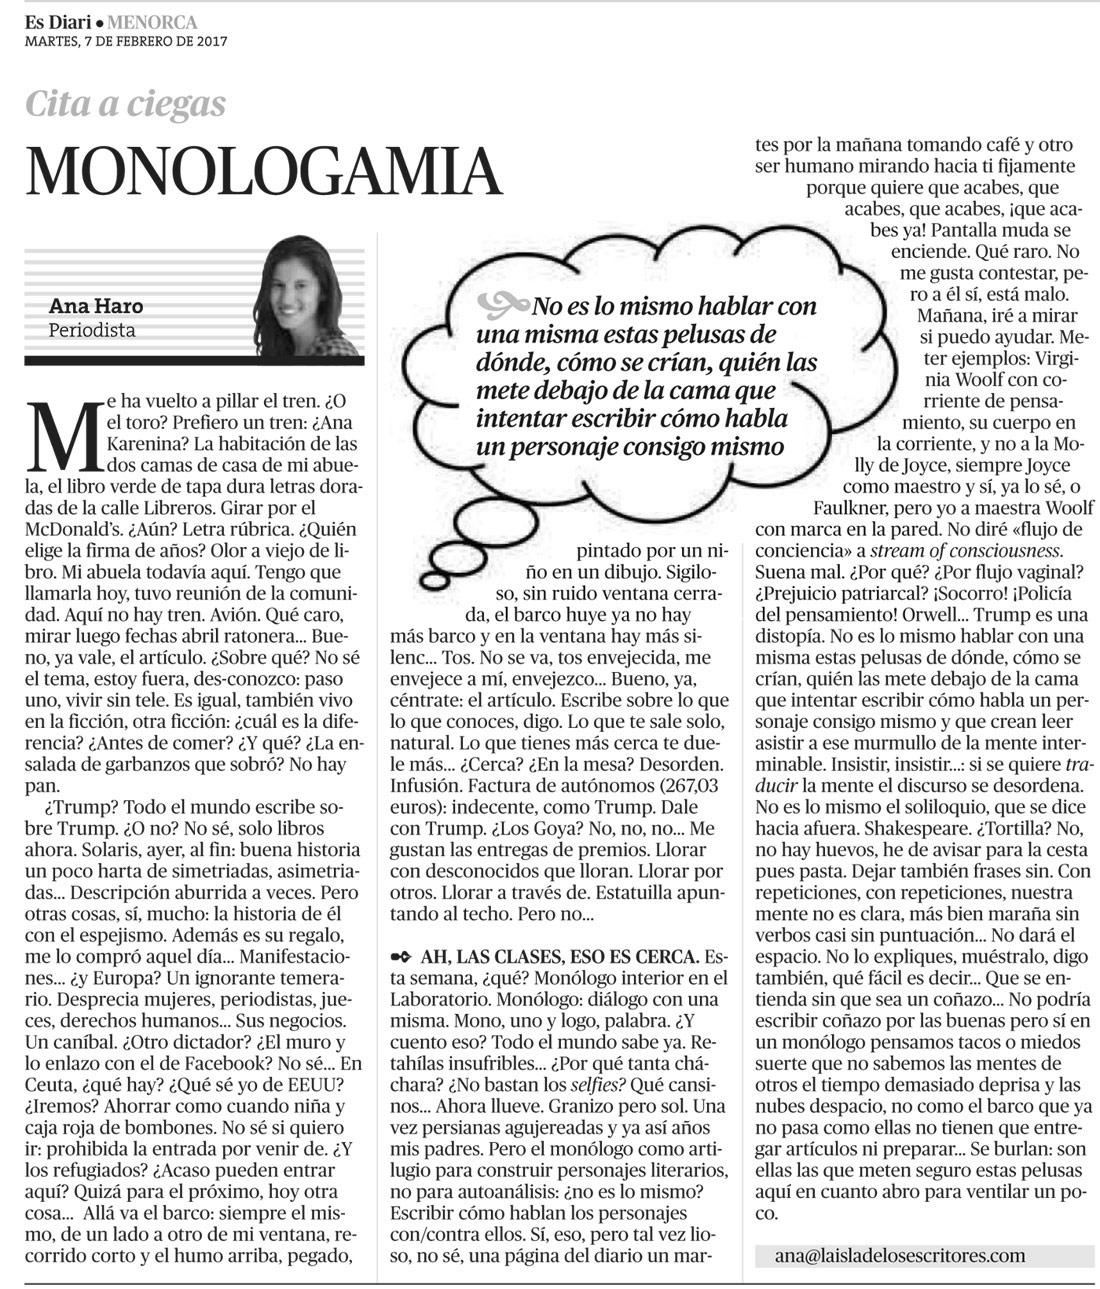 monologamia